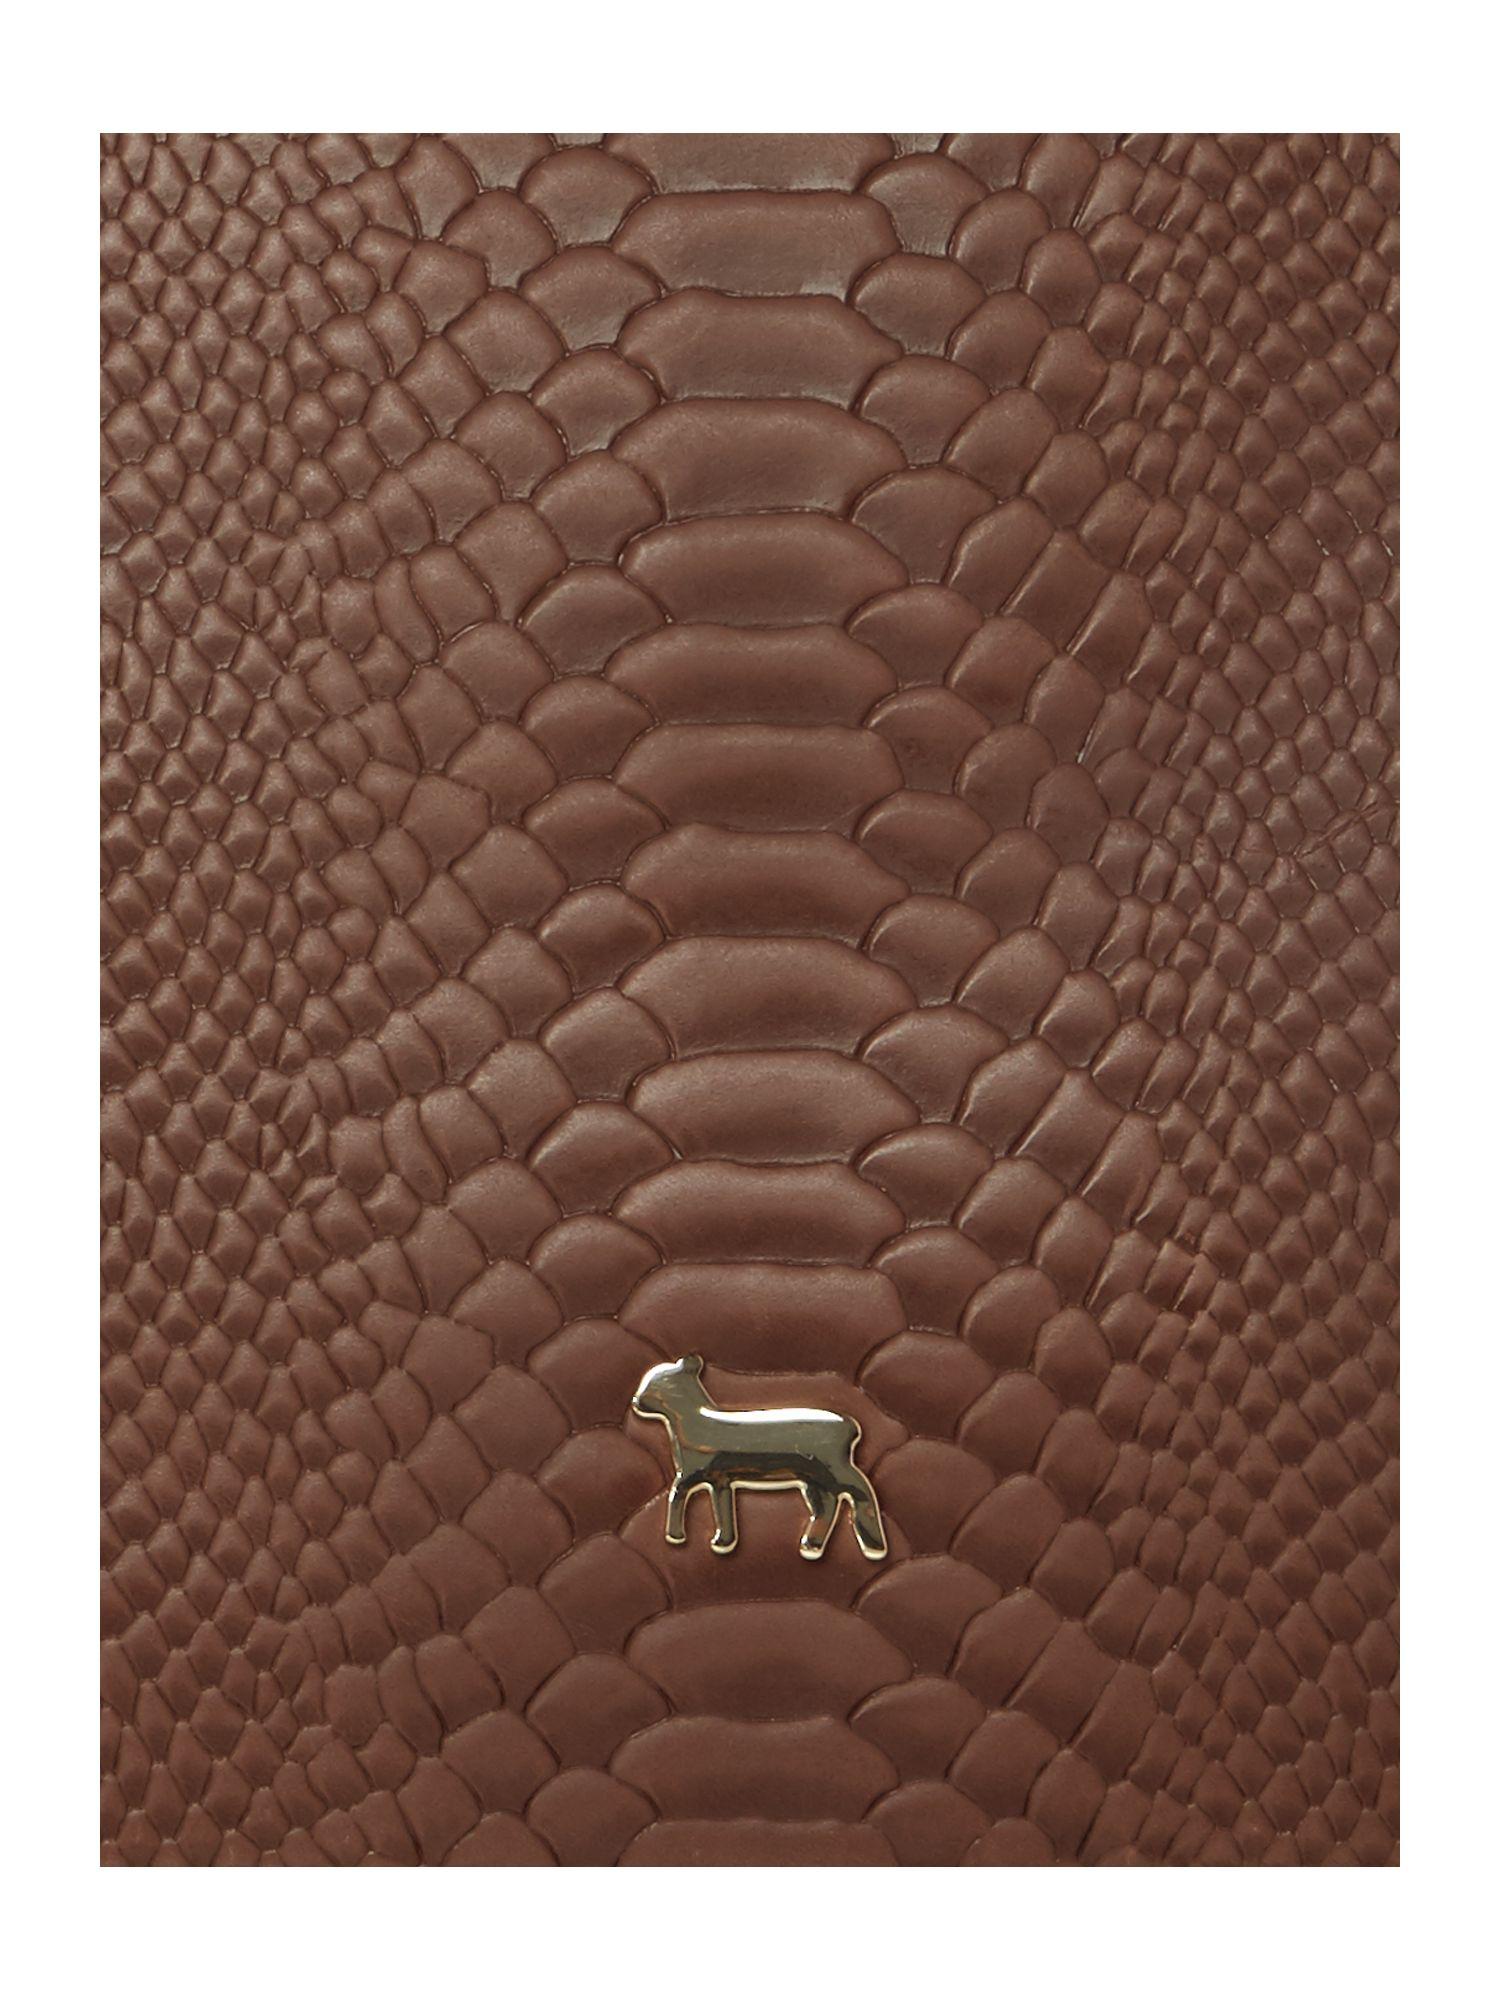 Lamb 1887 Leather Joanna Tan Snake Tote Bag in Brown